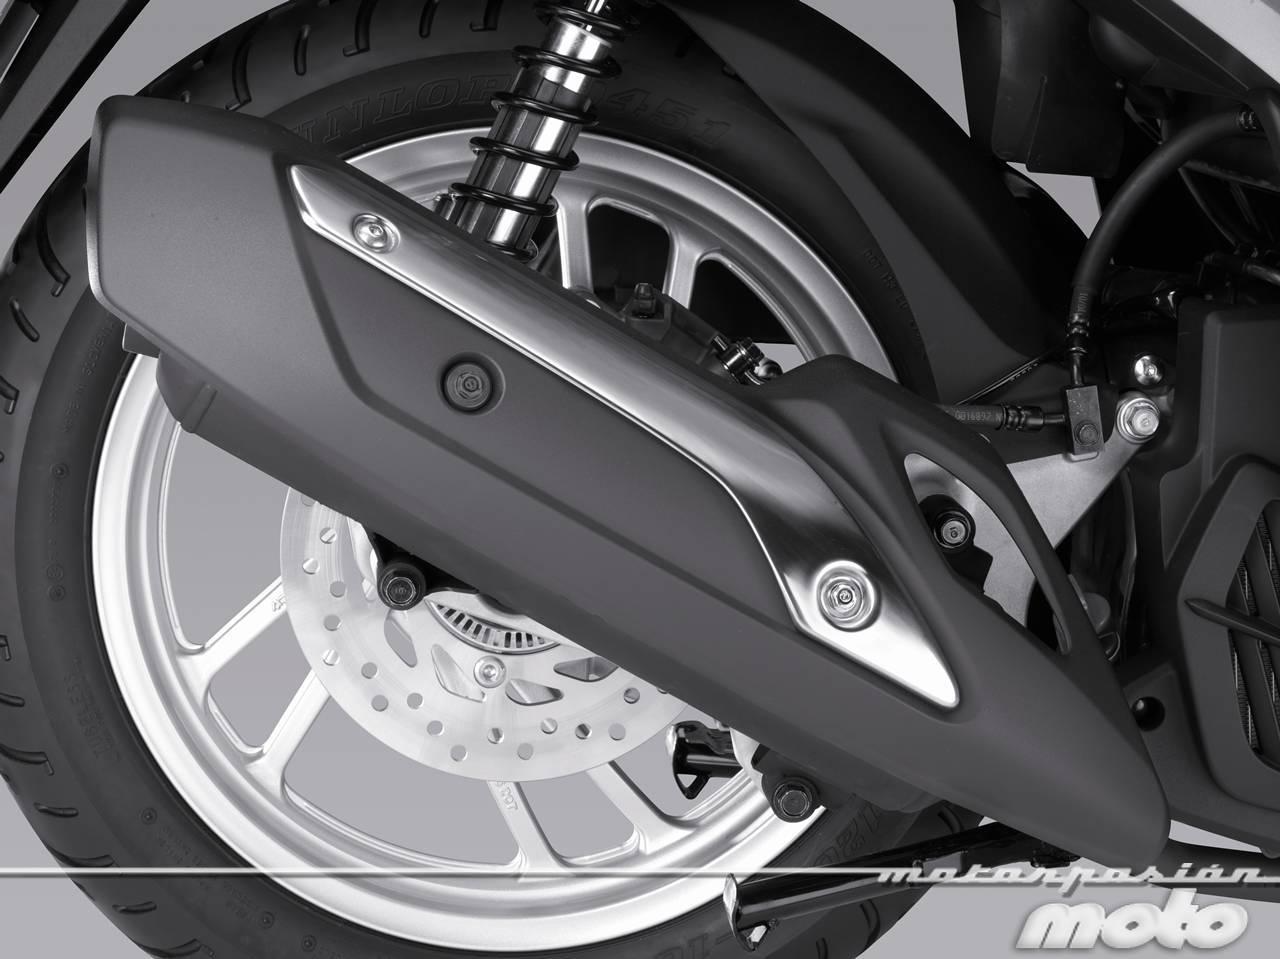 Foto de Honda Scoopy SH125i 2013, prueba (valoración, galería y ficha técnica)  - Fotos Detalles (51/81)